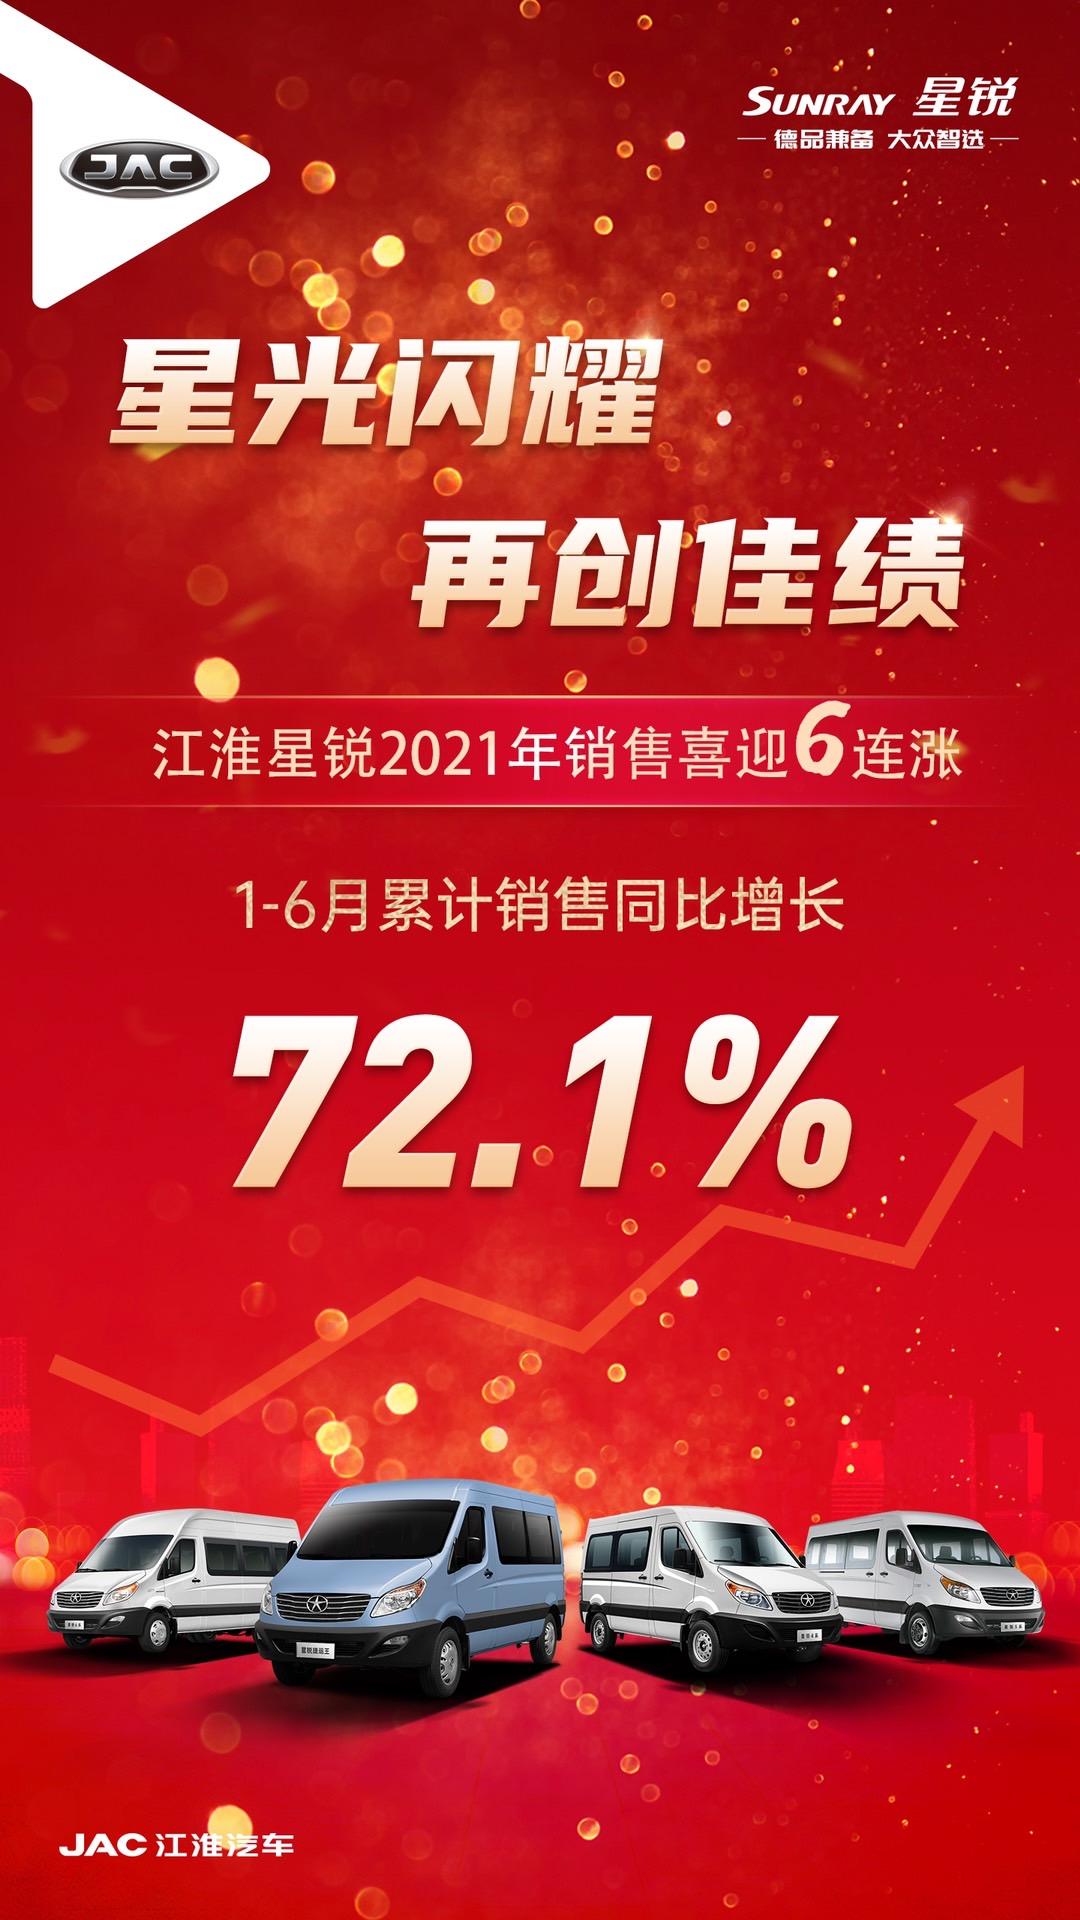 上半年销量同比增长72.1%,江淮星锐实现单月销量6连涨!